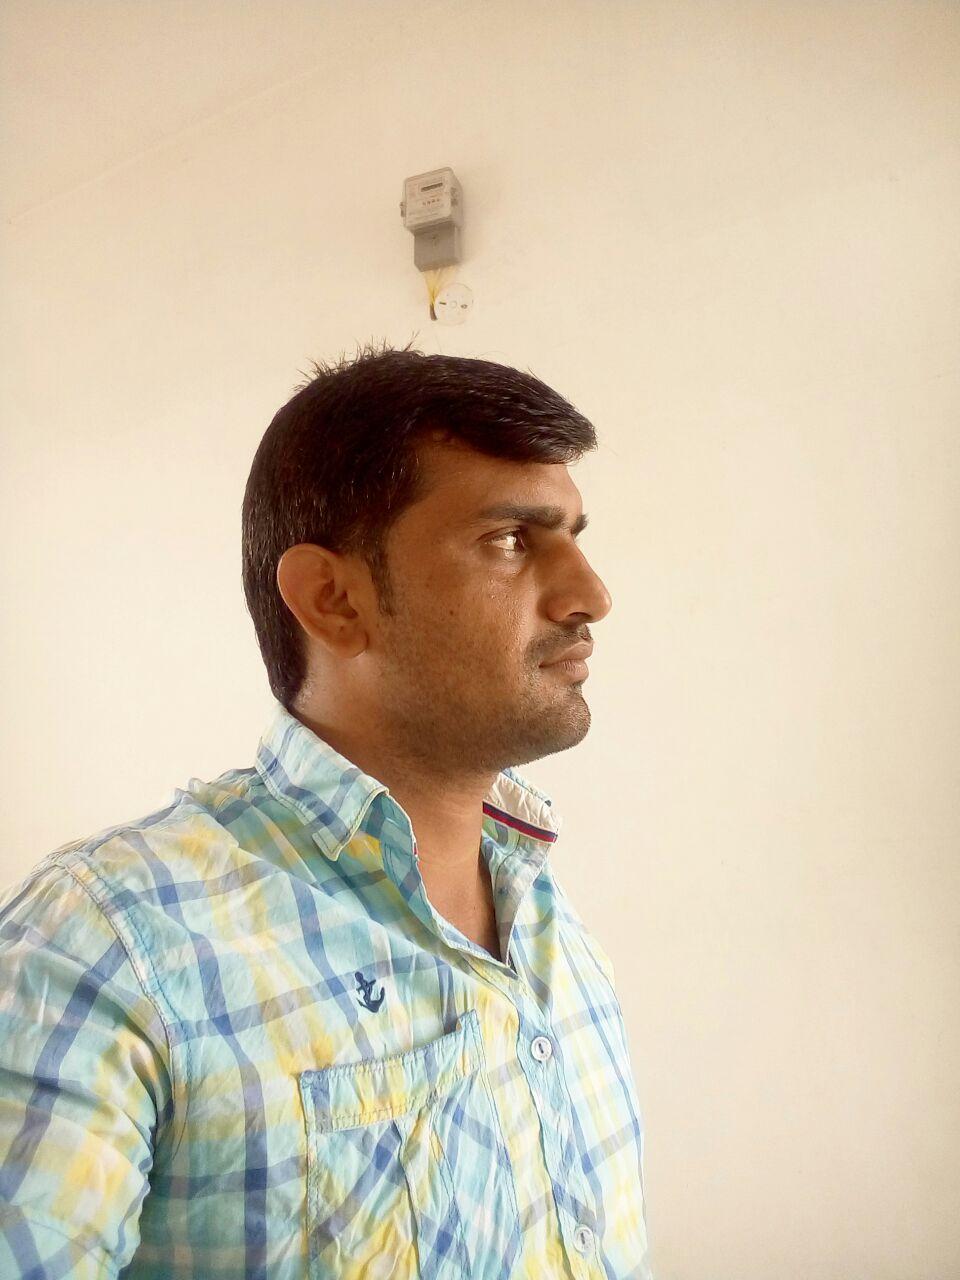 rskhichar